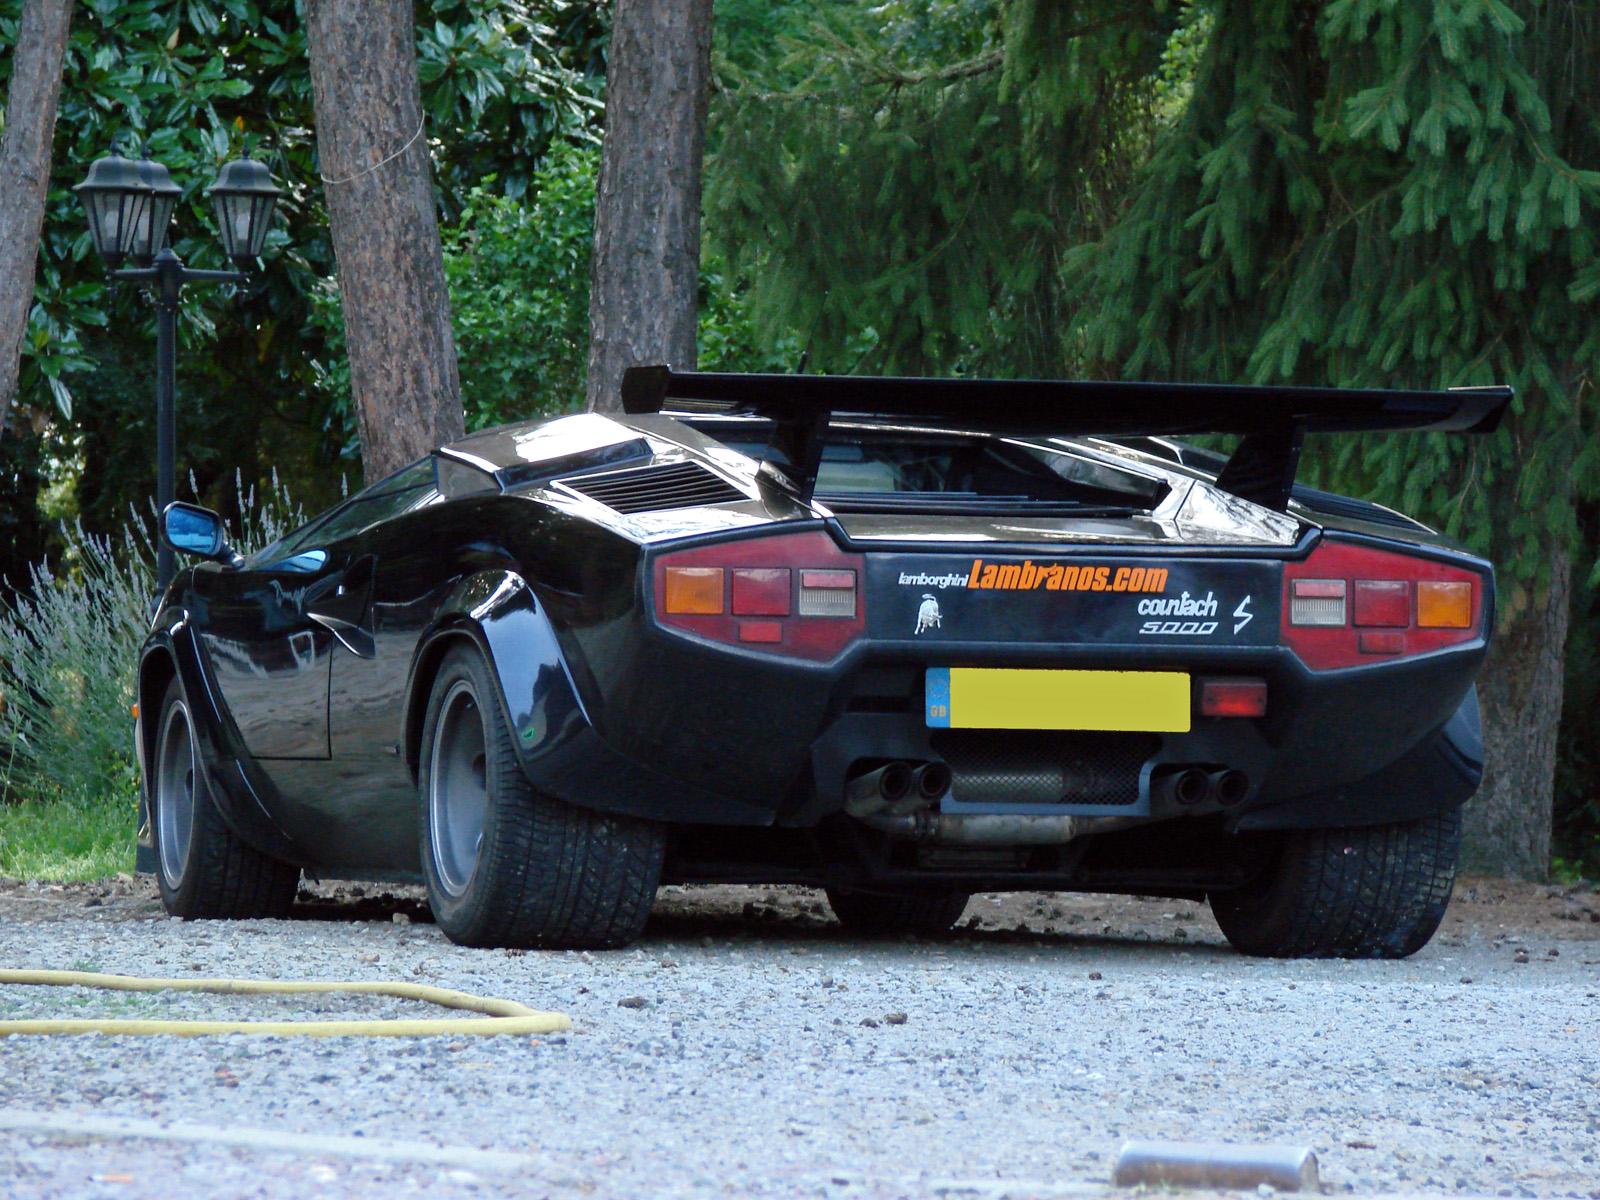 72244_Lamborghini_Countach_590_539lo.jpg